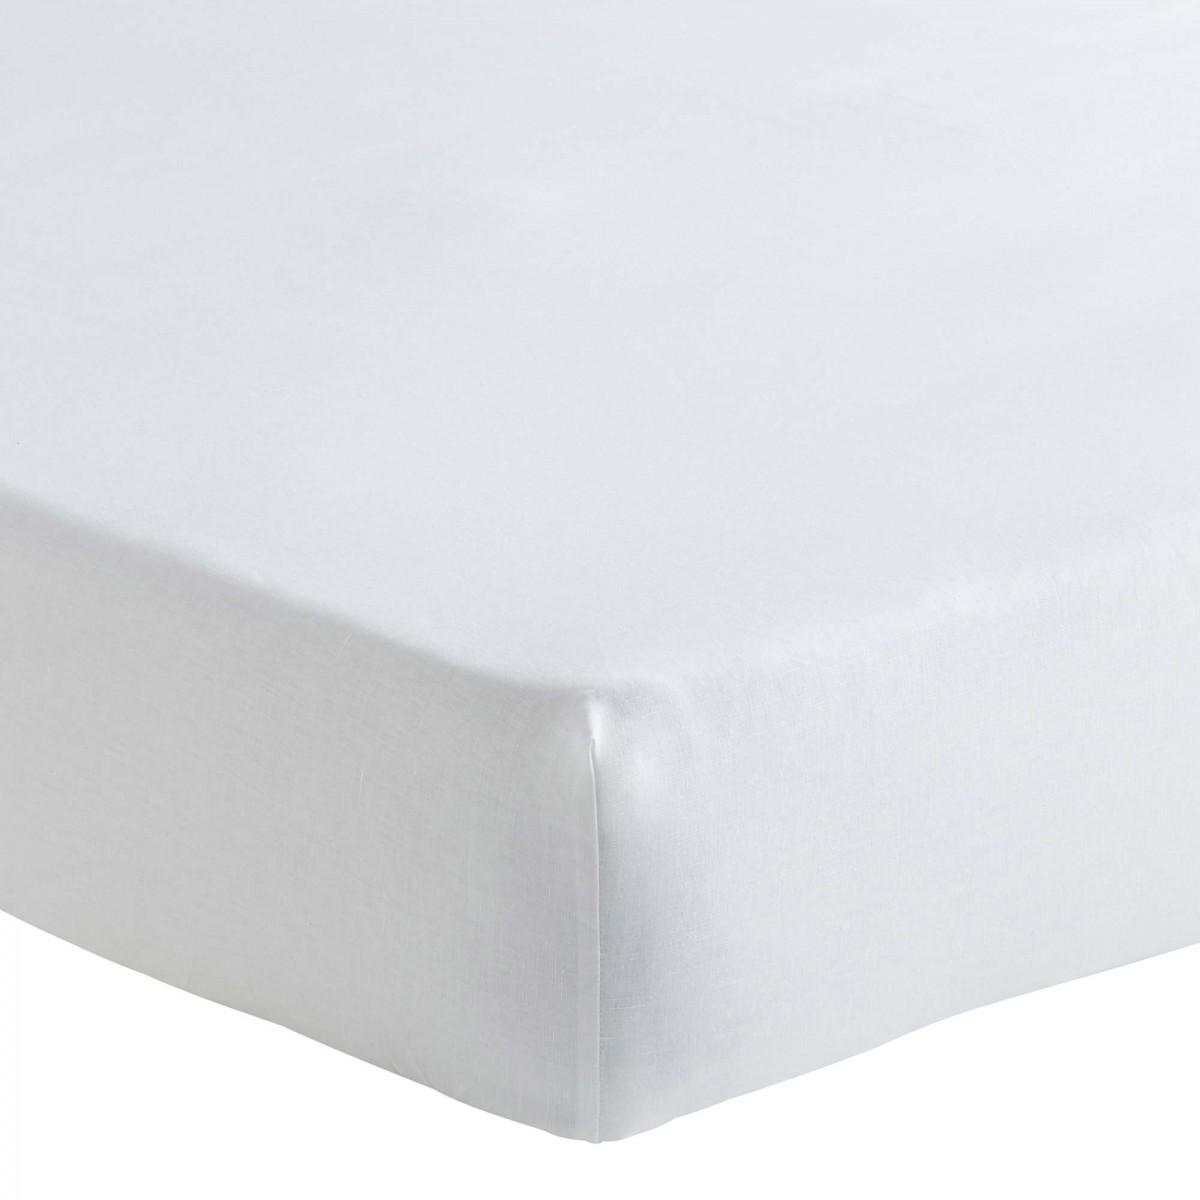 Drap housse en lin métis blanc 160x200